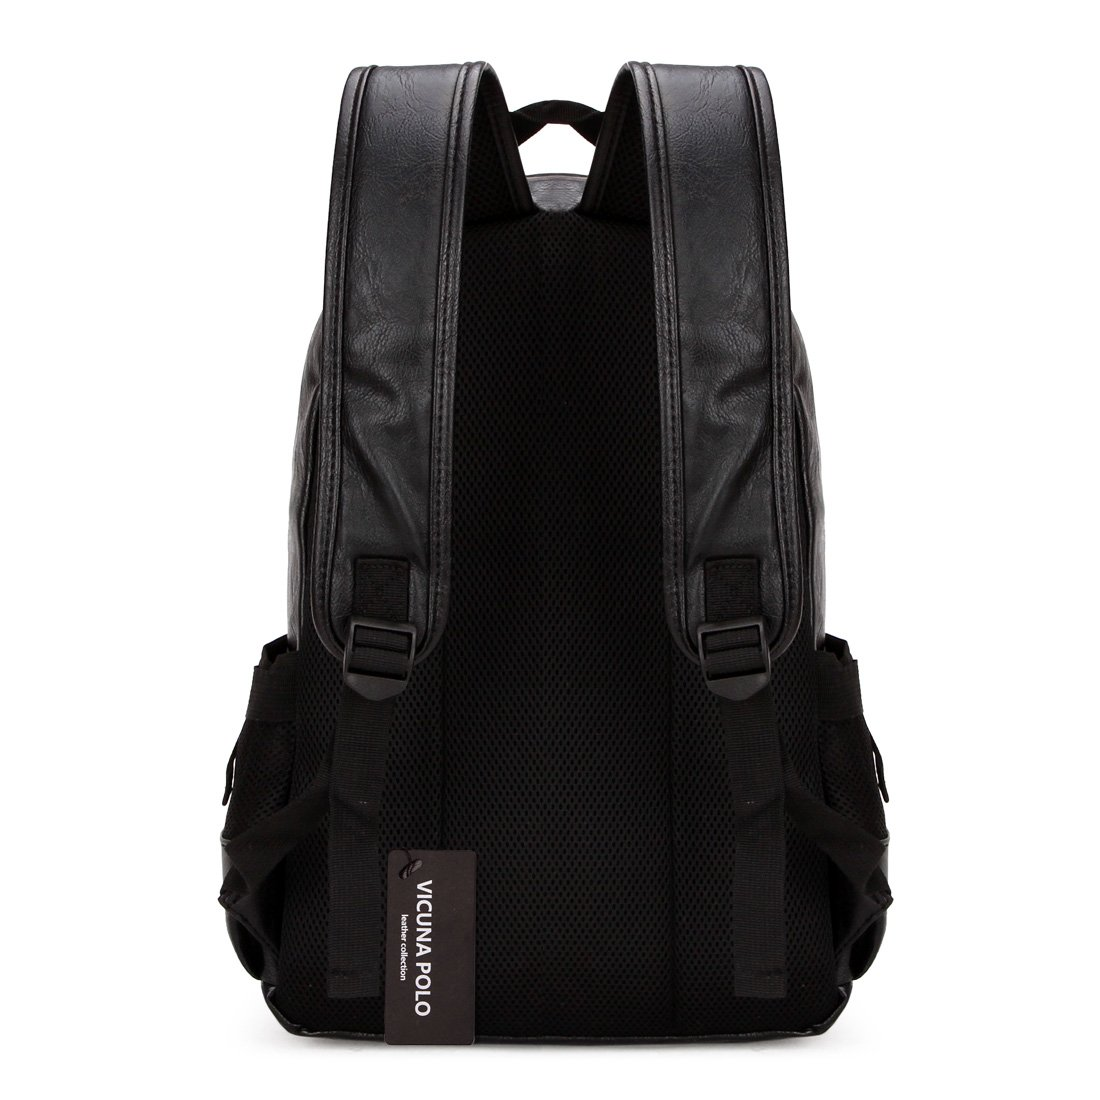 VICUNA POLO - Mochila casual negro negro: Amazon.es: Ropa y accesorios